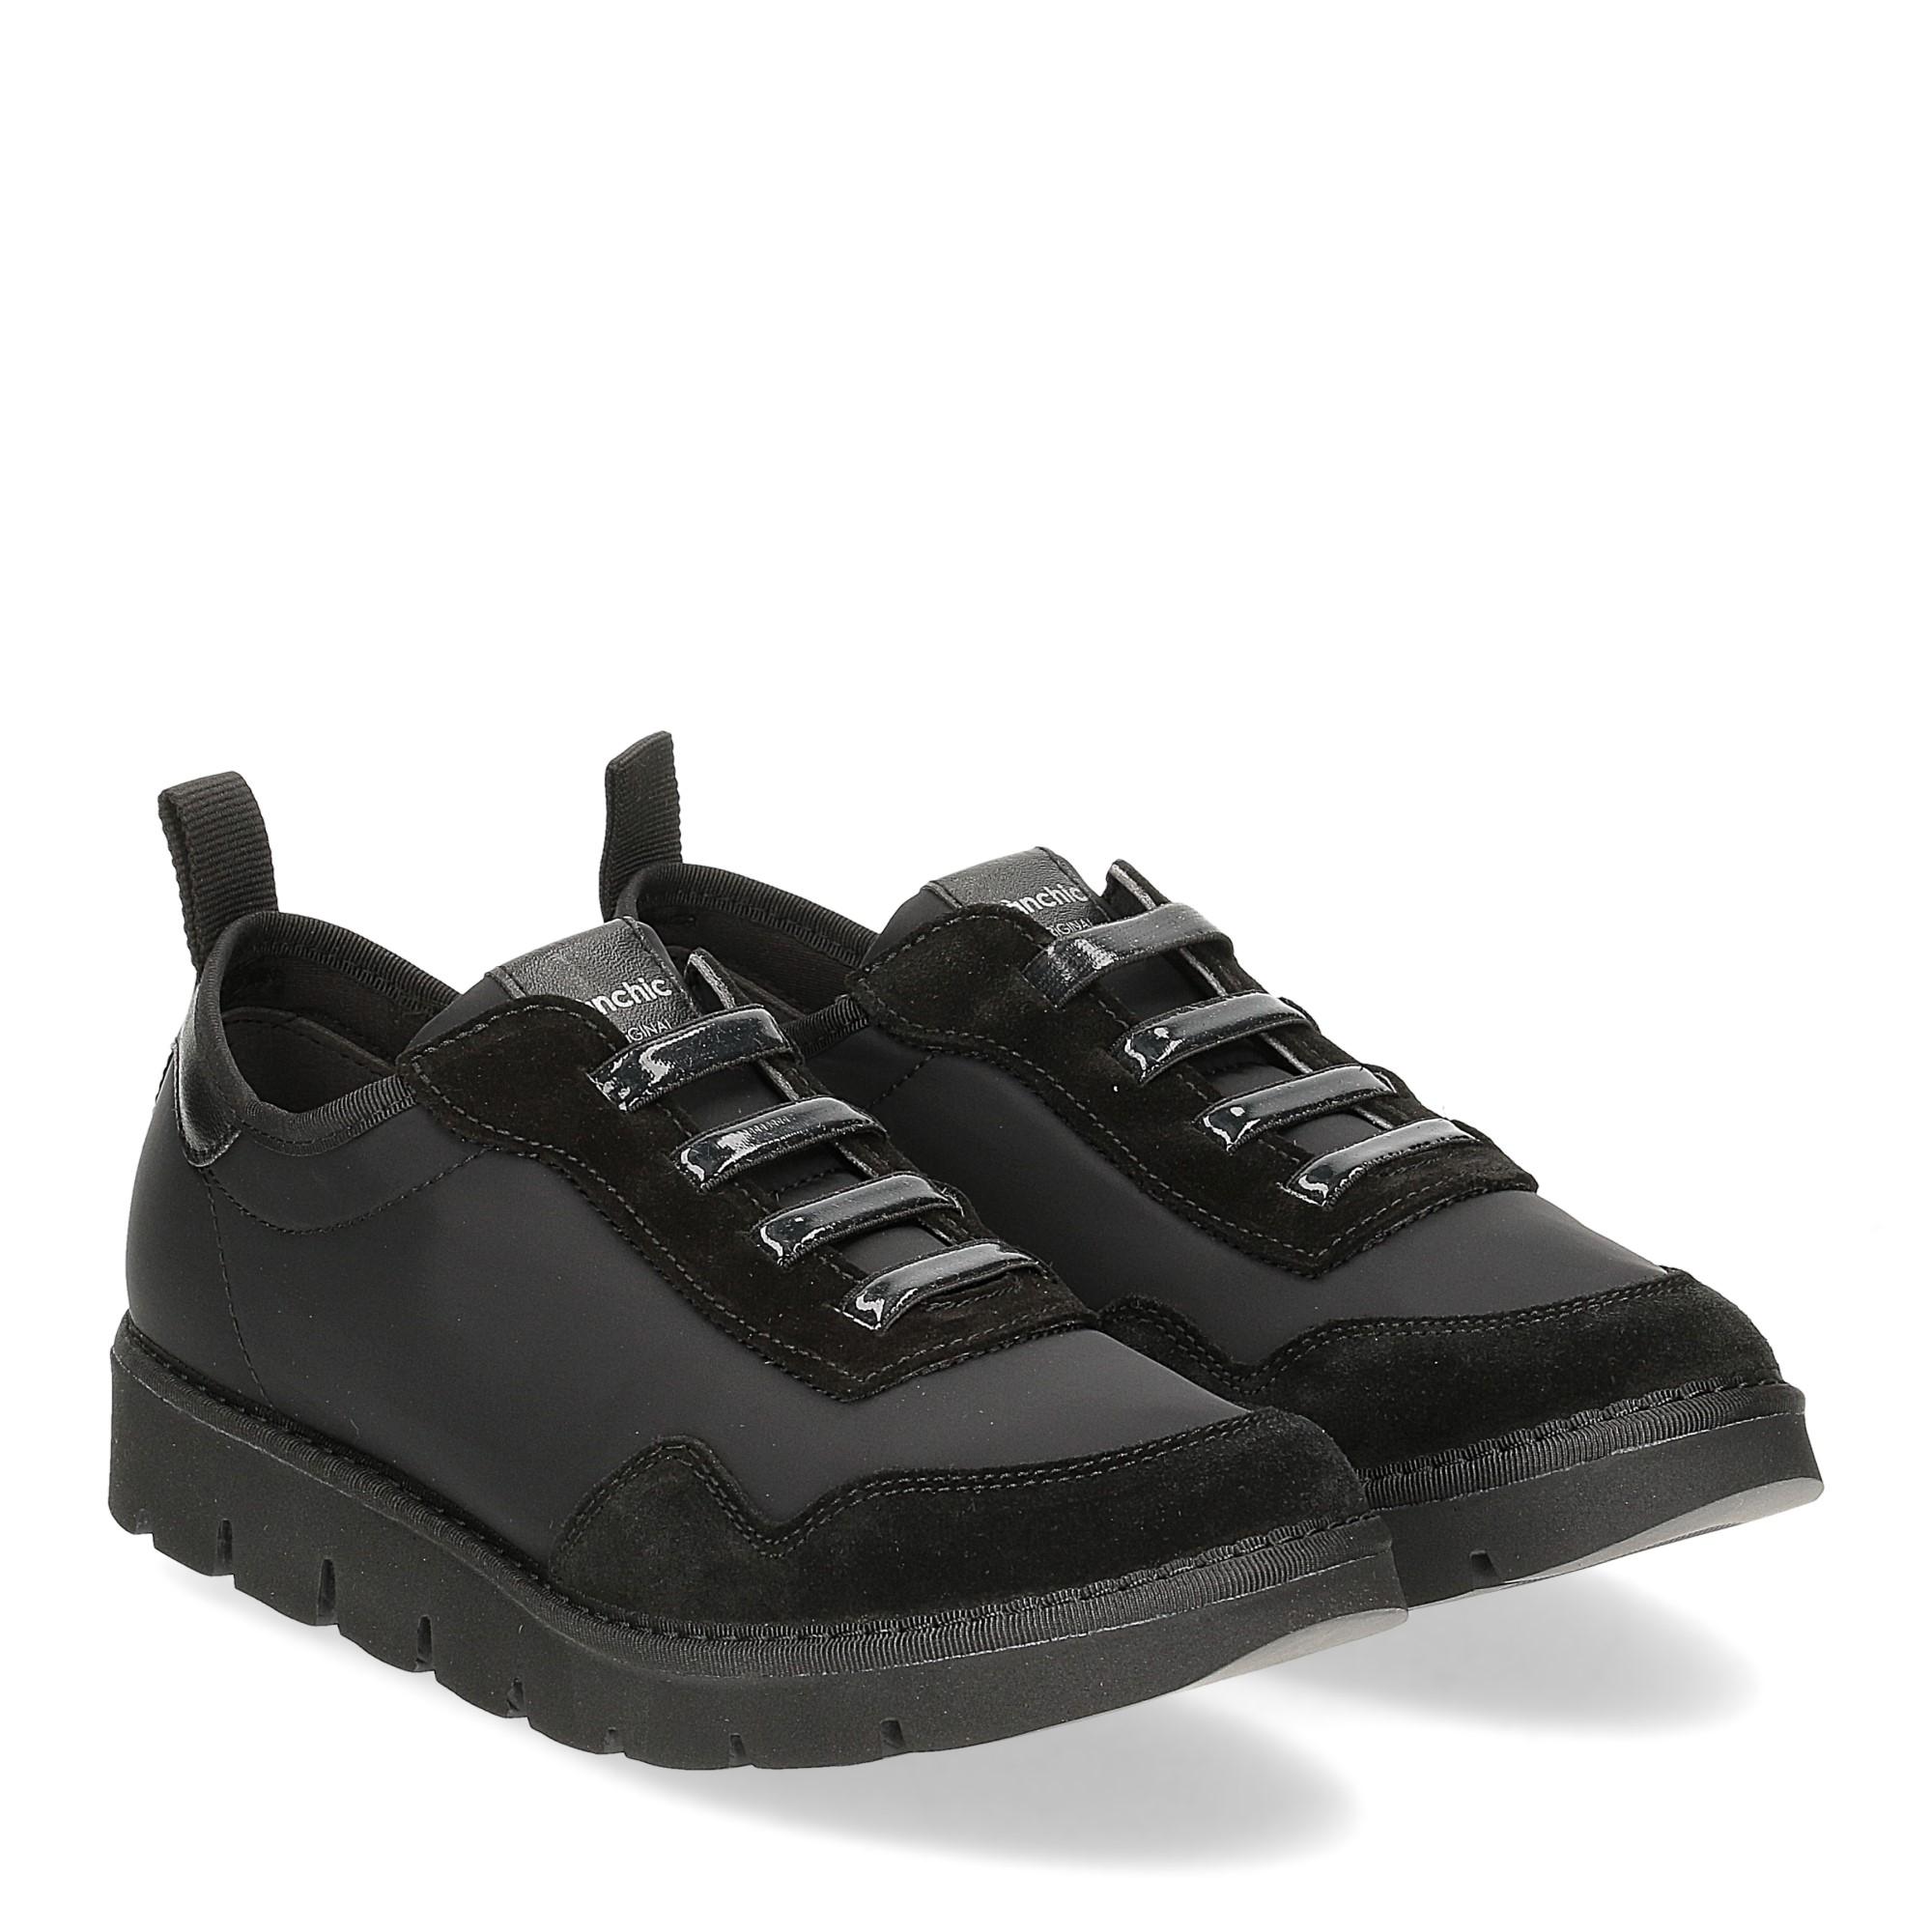 Panchic P05W nylon suede total black